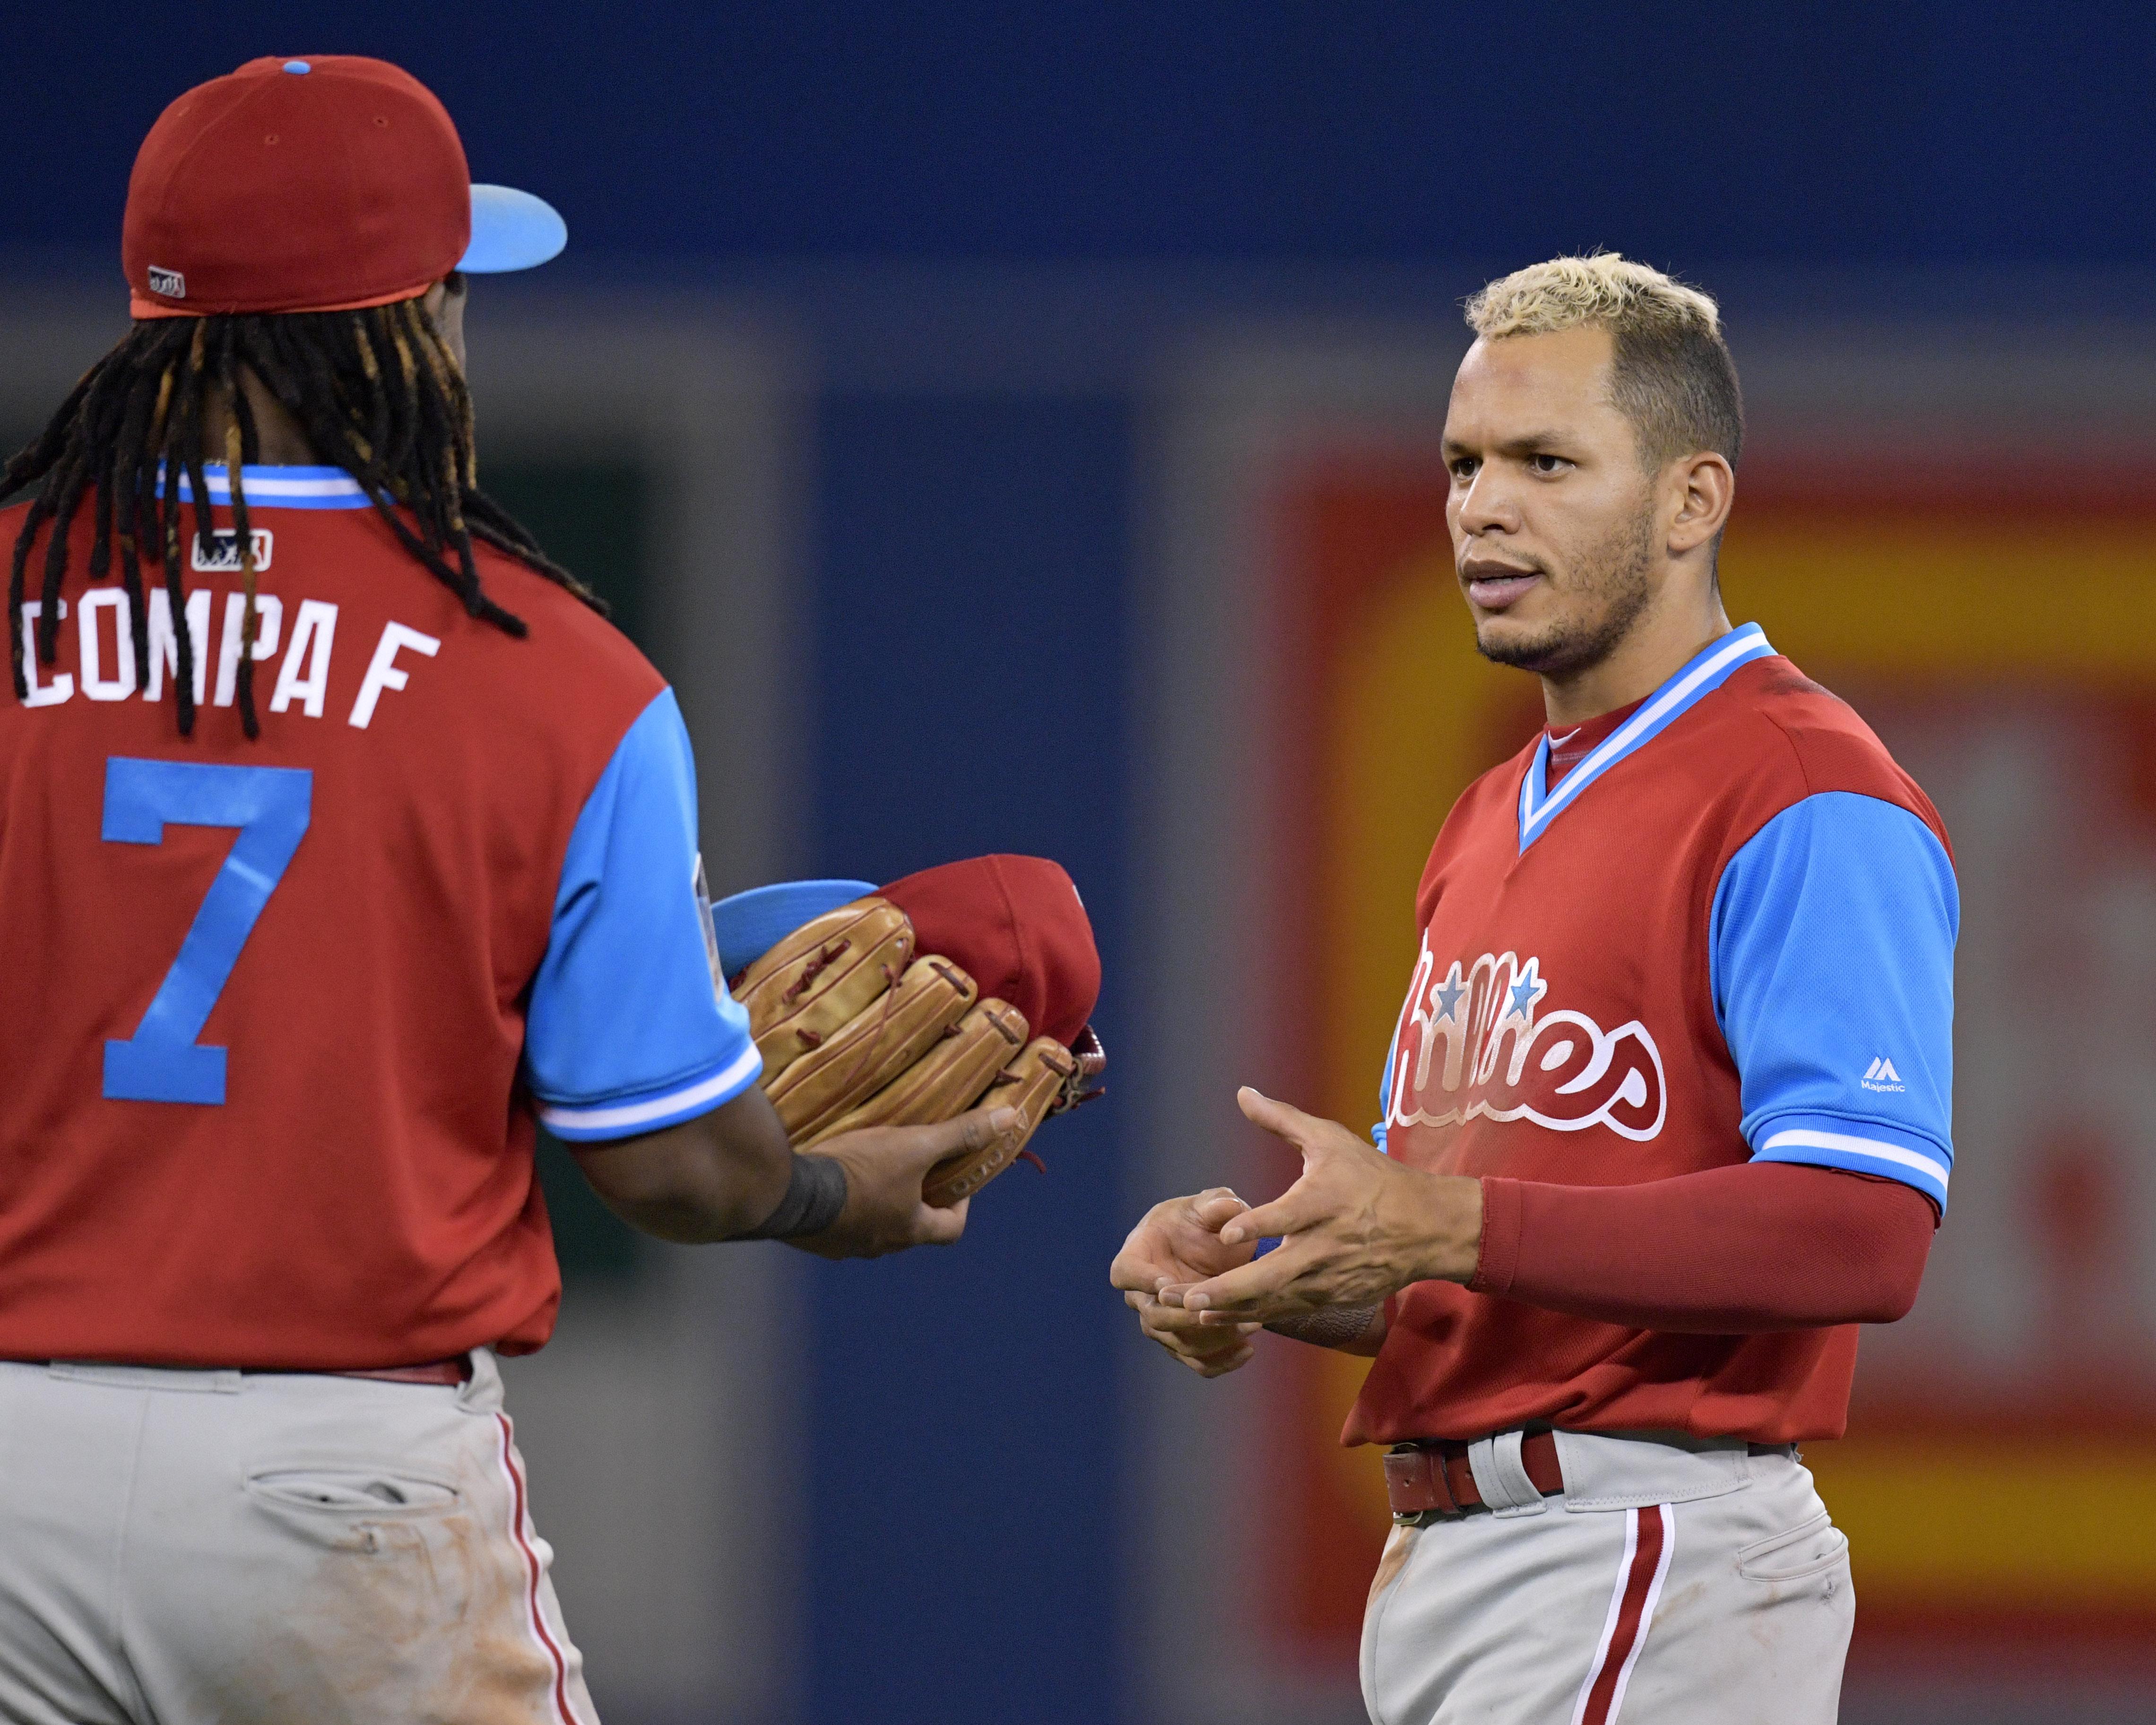 MLB: AUG 25 Phillies at Blue Jays